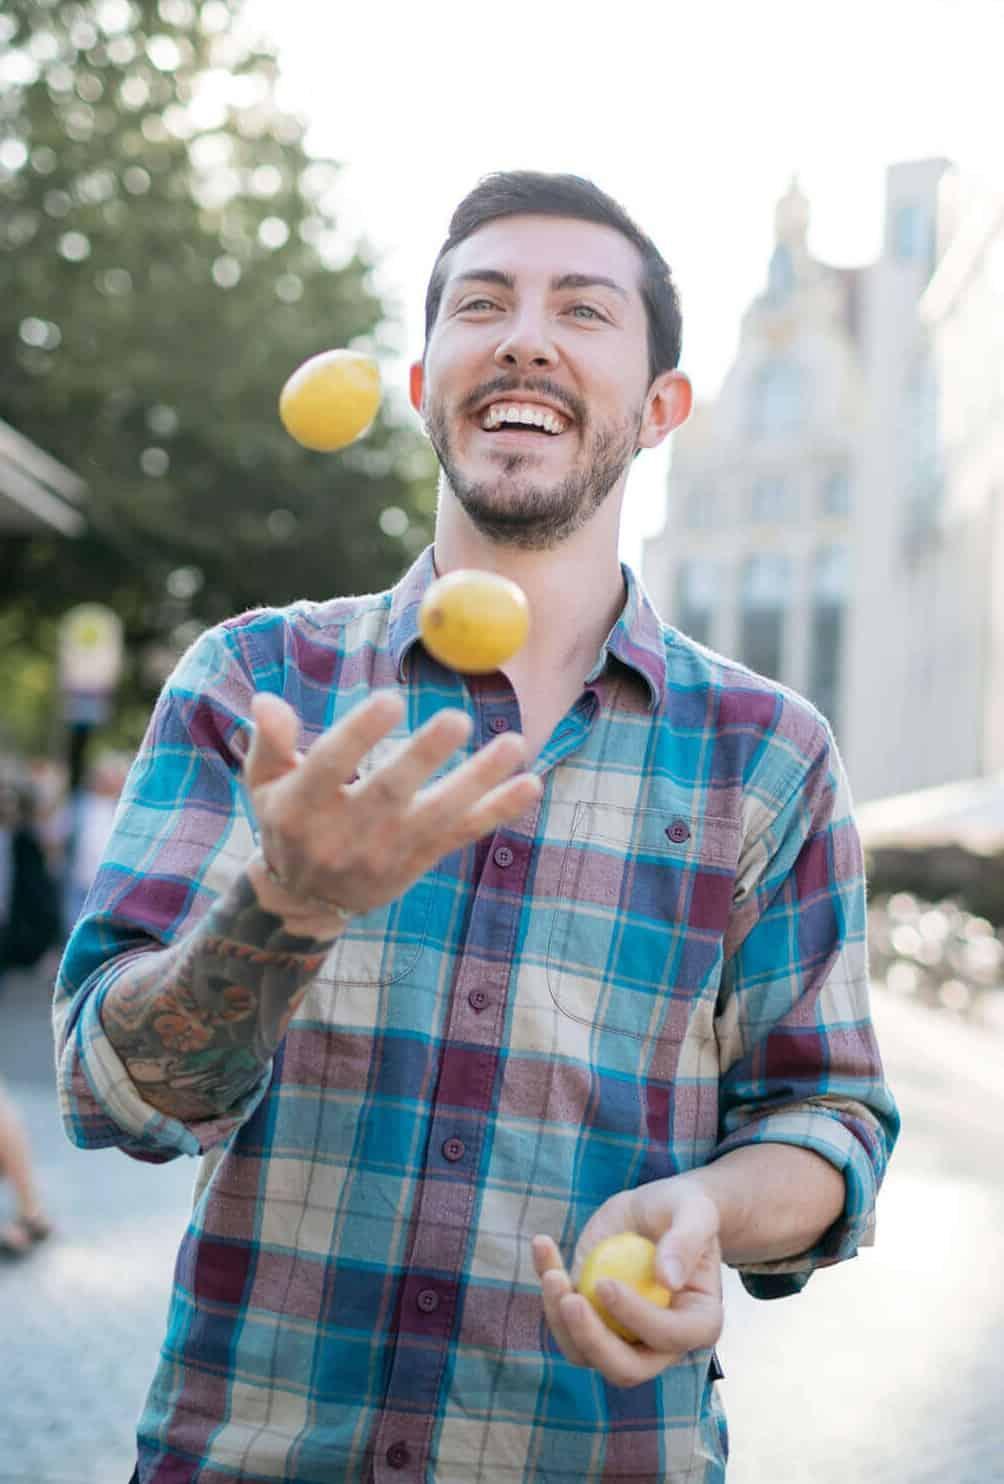 Junger Mann, der jongliert aus Tinder Fotoshooting